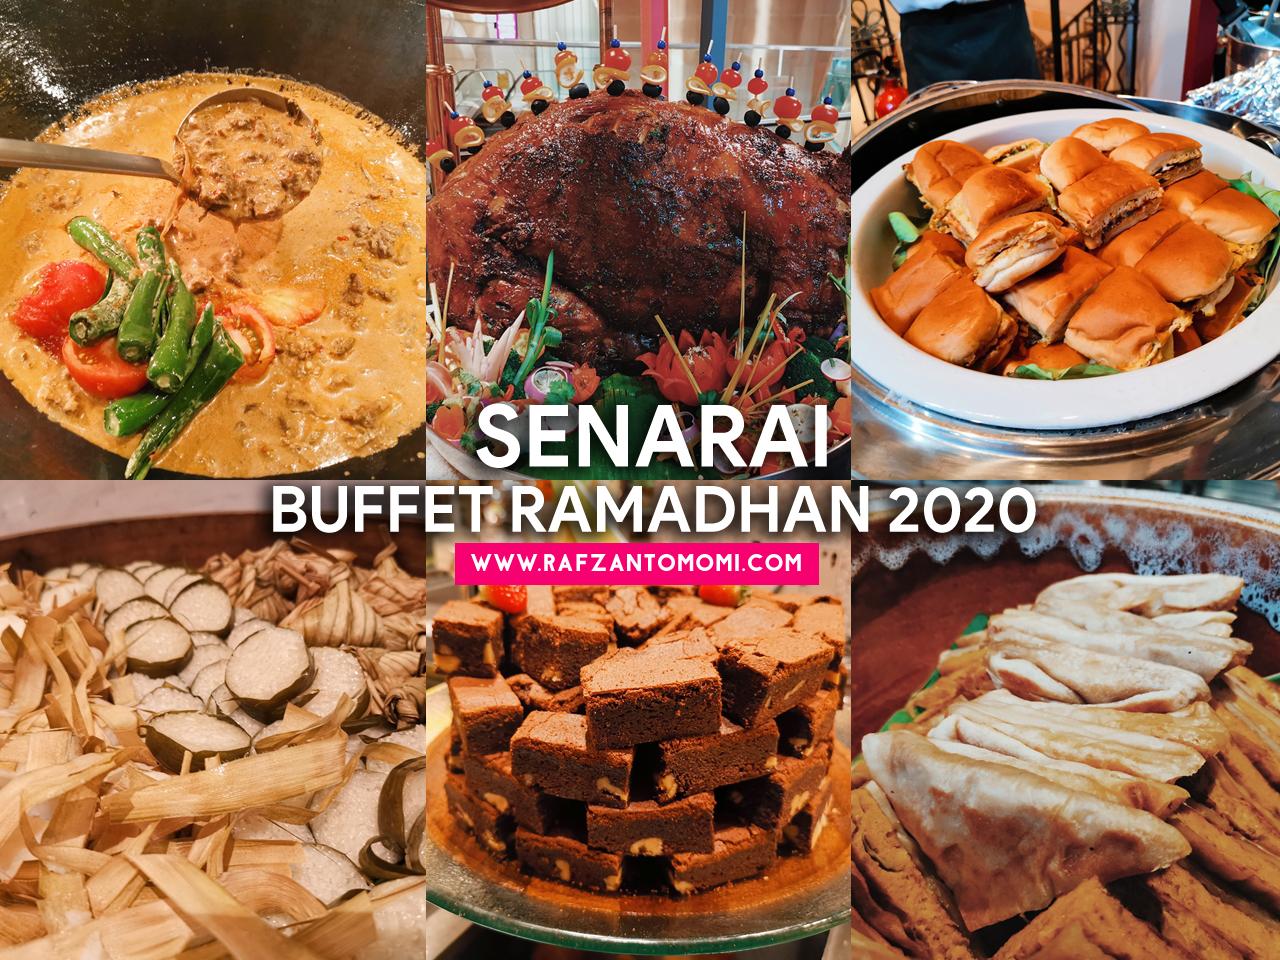 Senarai Buffet Ramadan 2020 - Sekitar Kuala Lumpur, Selangor dan Putrajaya